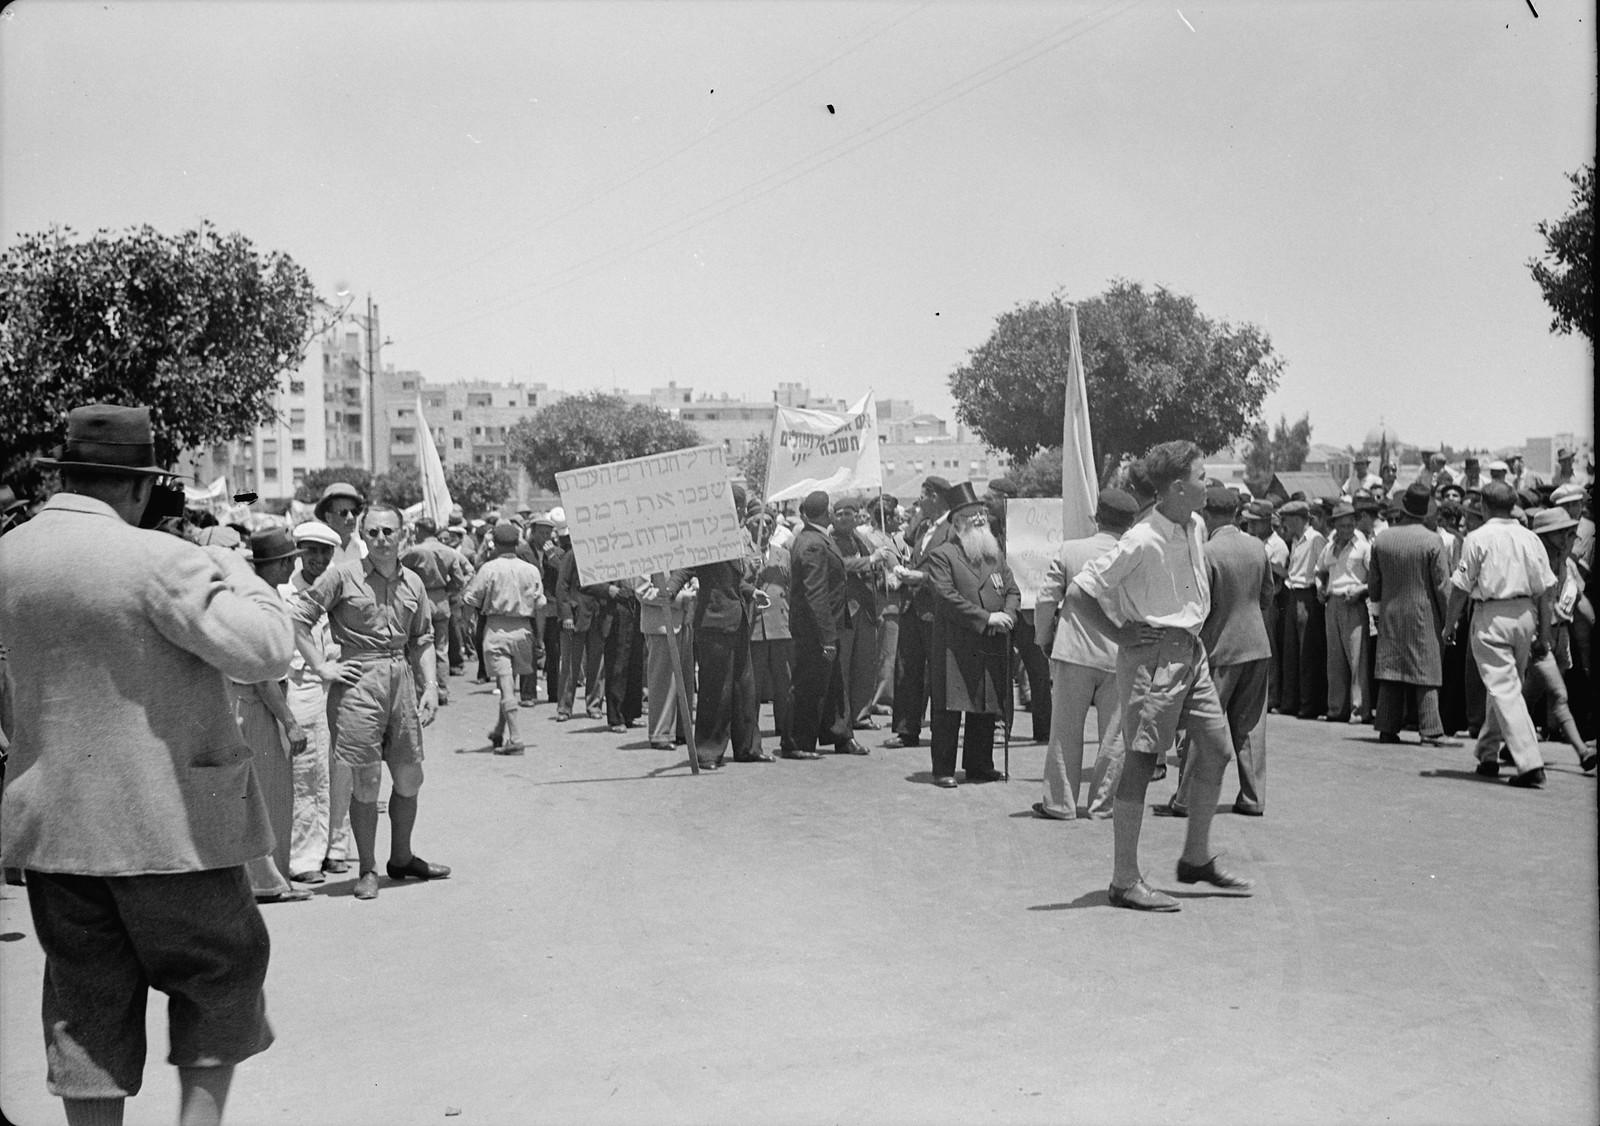 05. Юноши и девушки во время демонстрации на улице Кинг Джордж